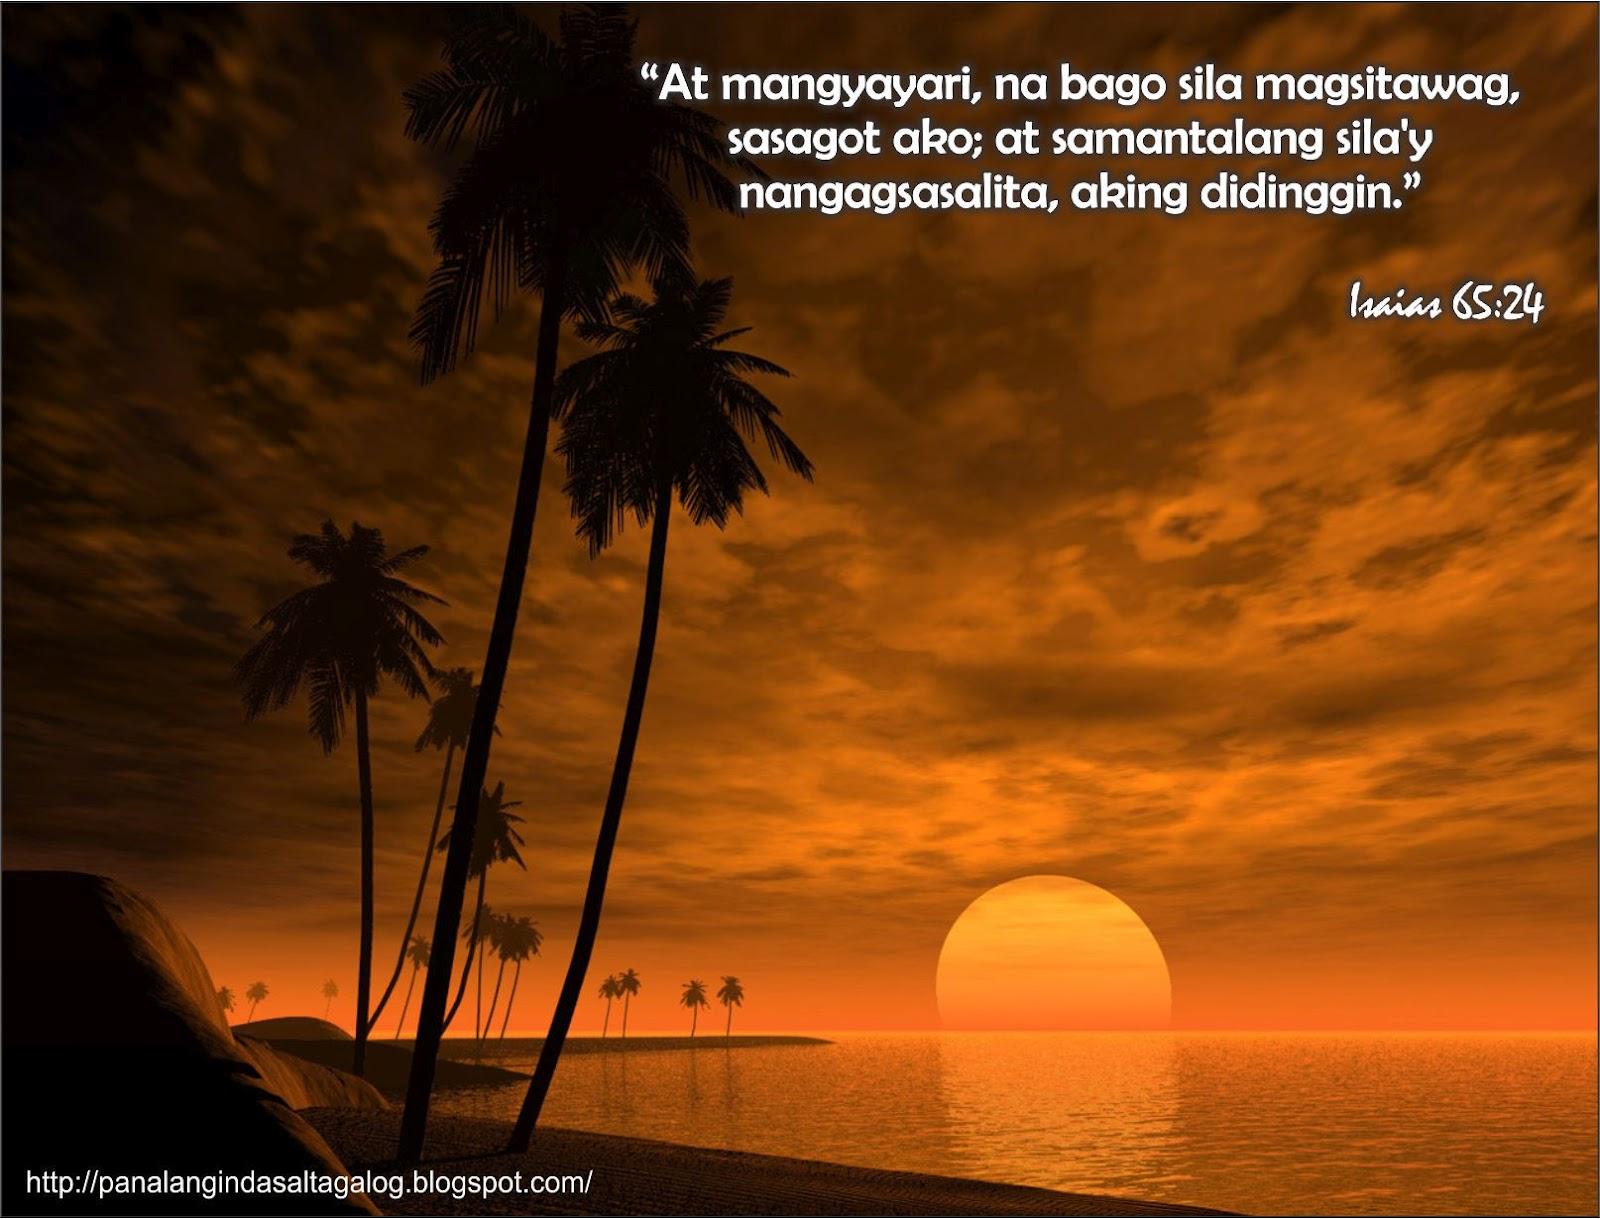 tagalog thesis tungkol sa teknolohiya